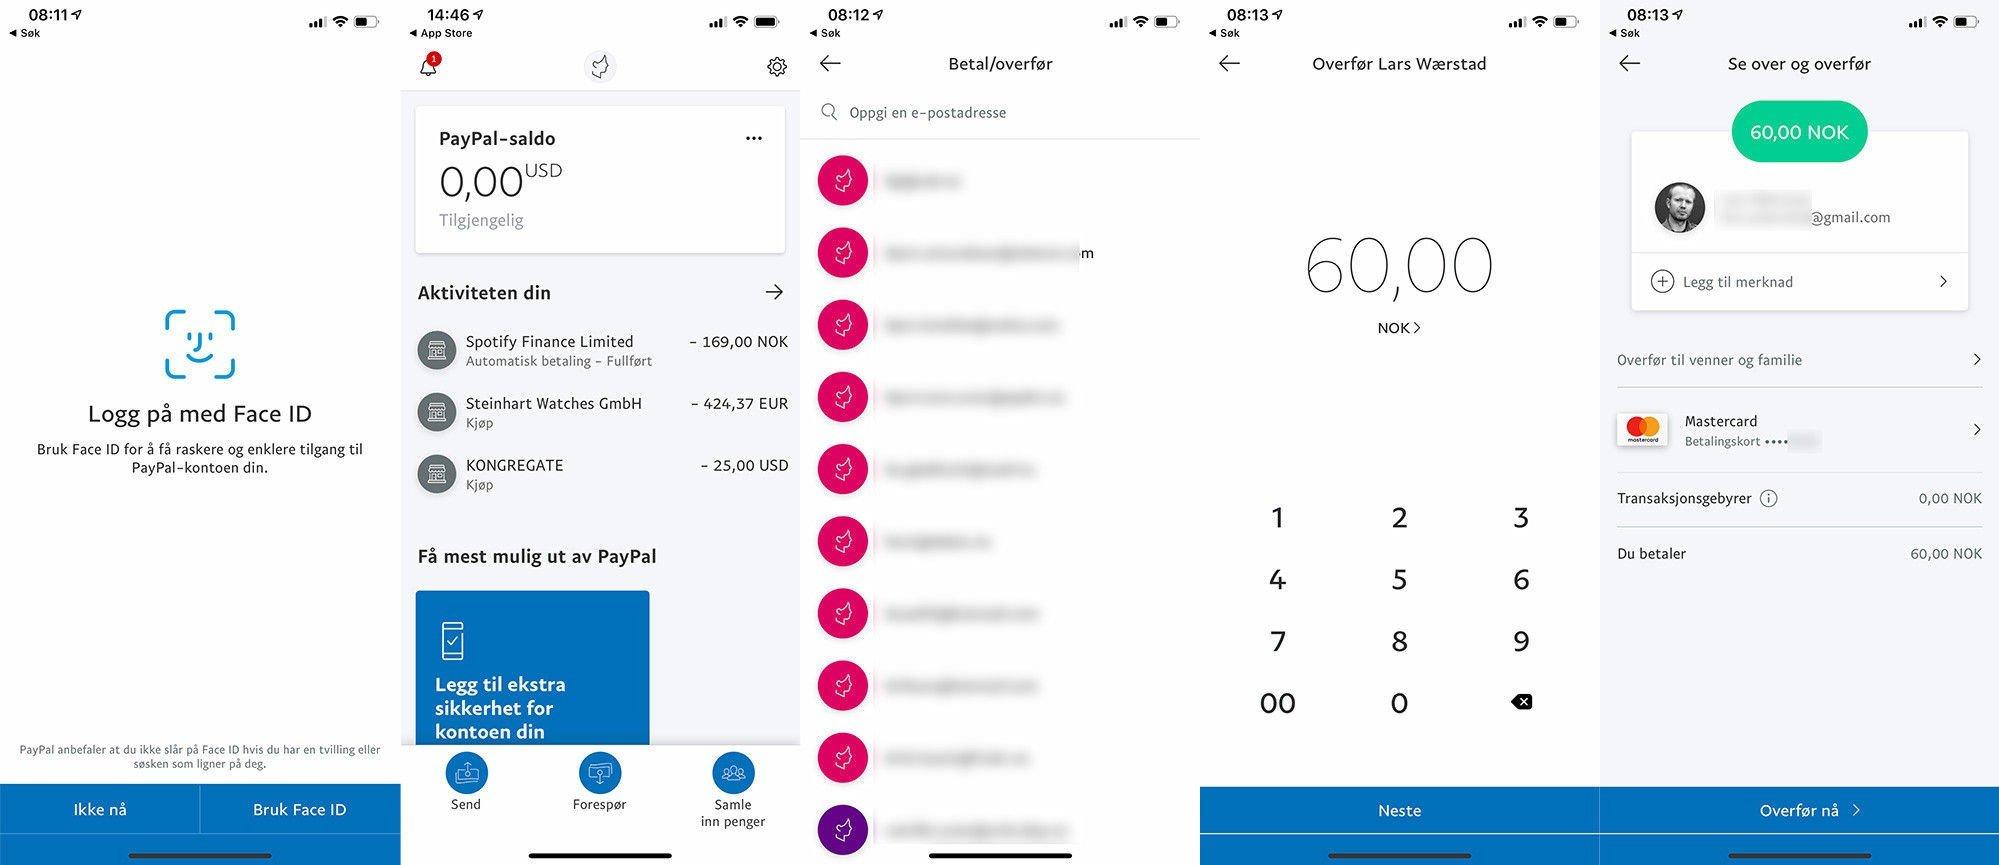 35fe126a Utfordringen ser ut til at den registrerer alle e-postadresser helt  uavhengig av om de er aktive PayPal-brukere eller ei, så en må holde tunga  rett i munn.